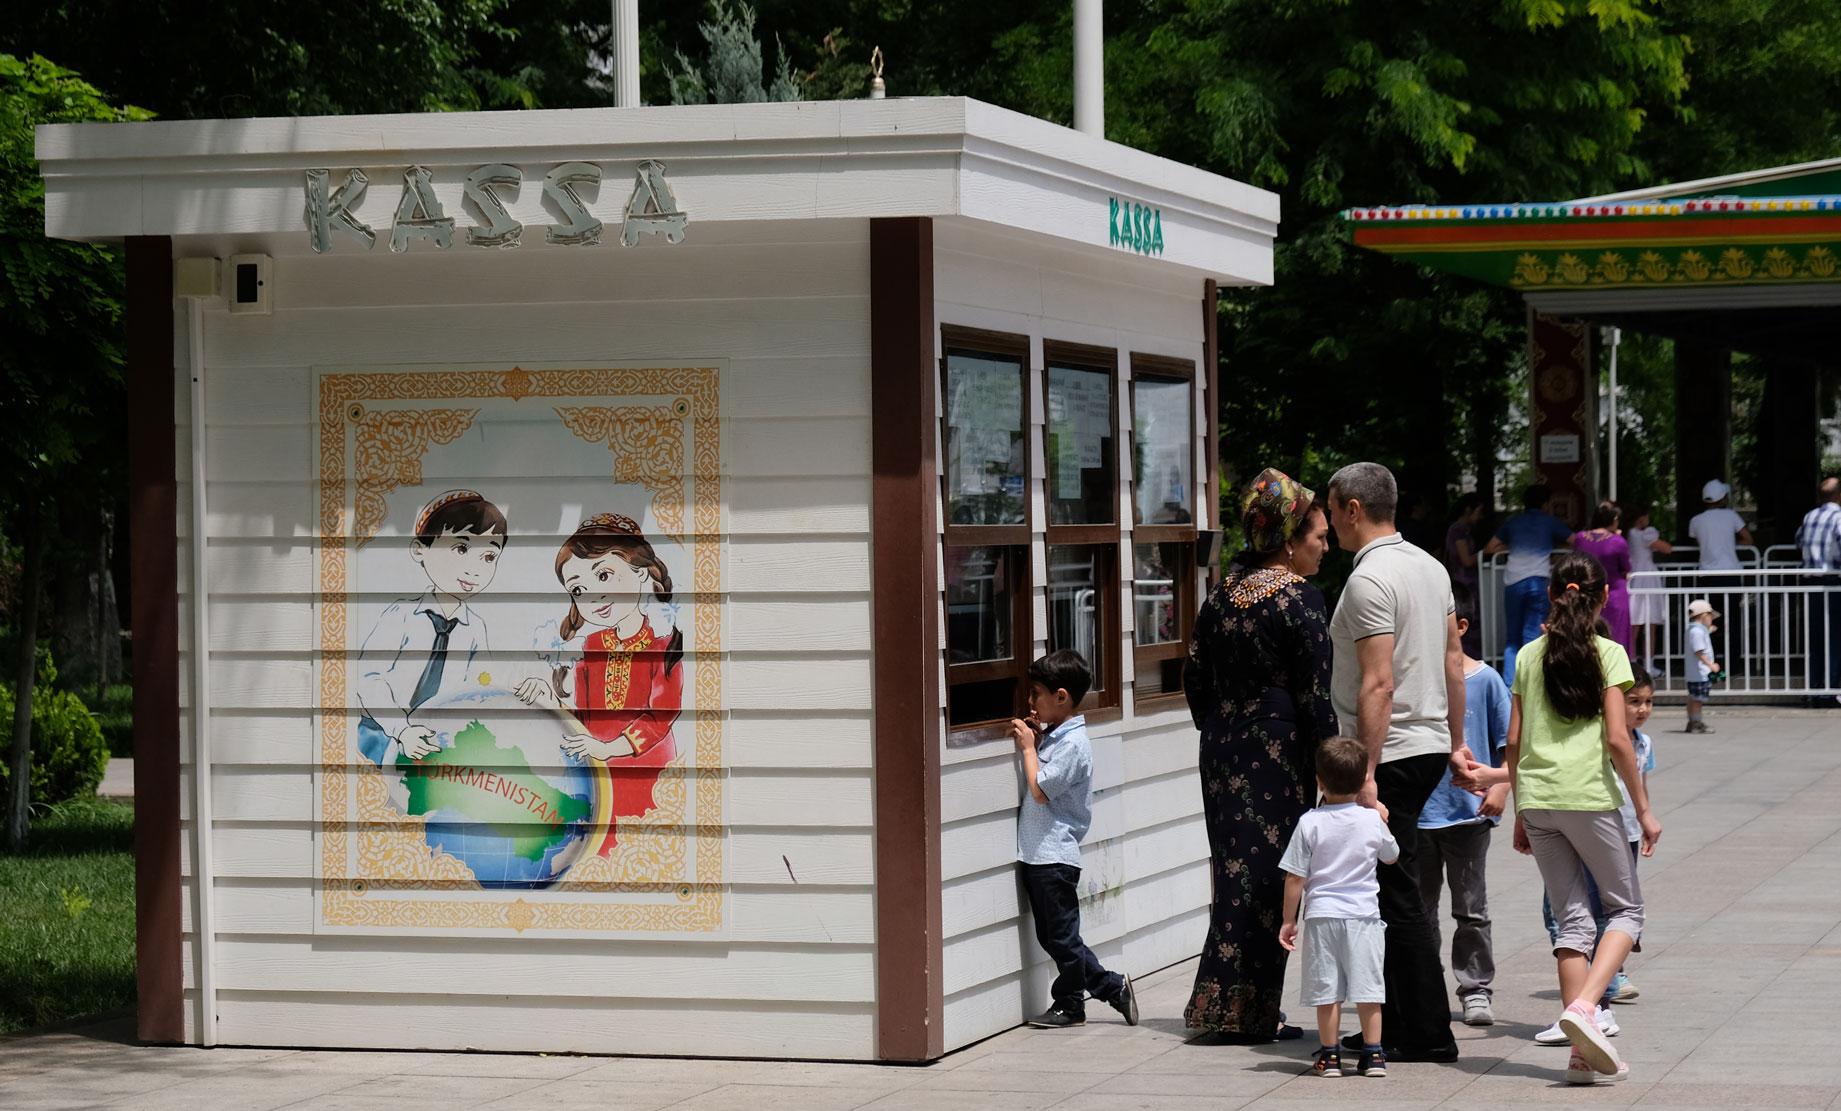 Kassenhäuschen. Man beachte die Darstellung Turkmenistans auf der Häuschenseite.